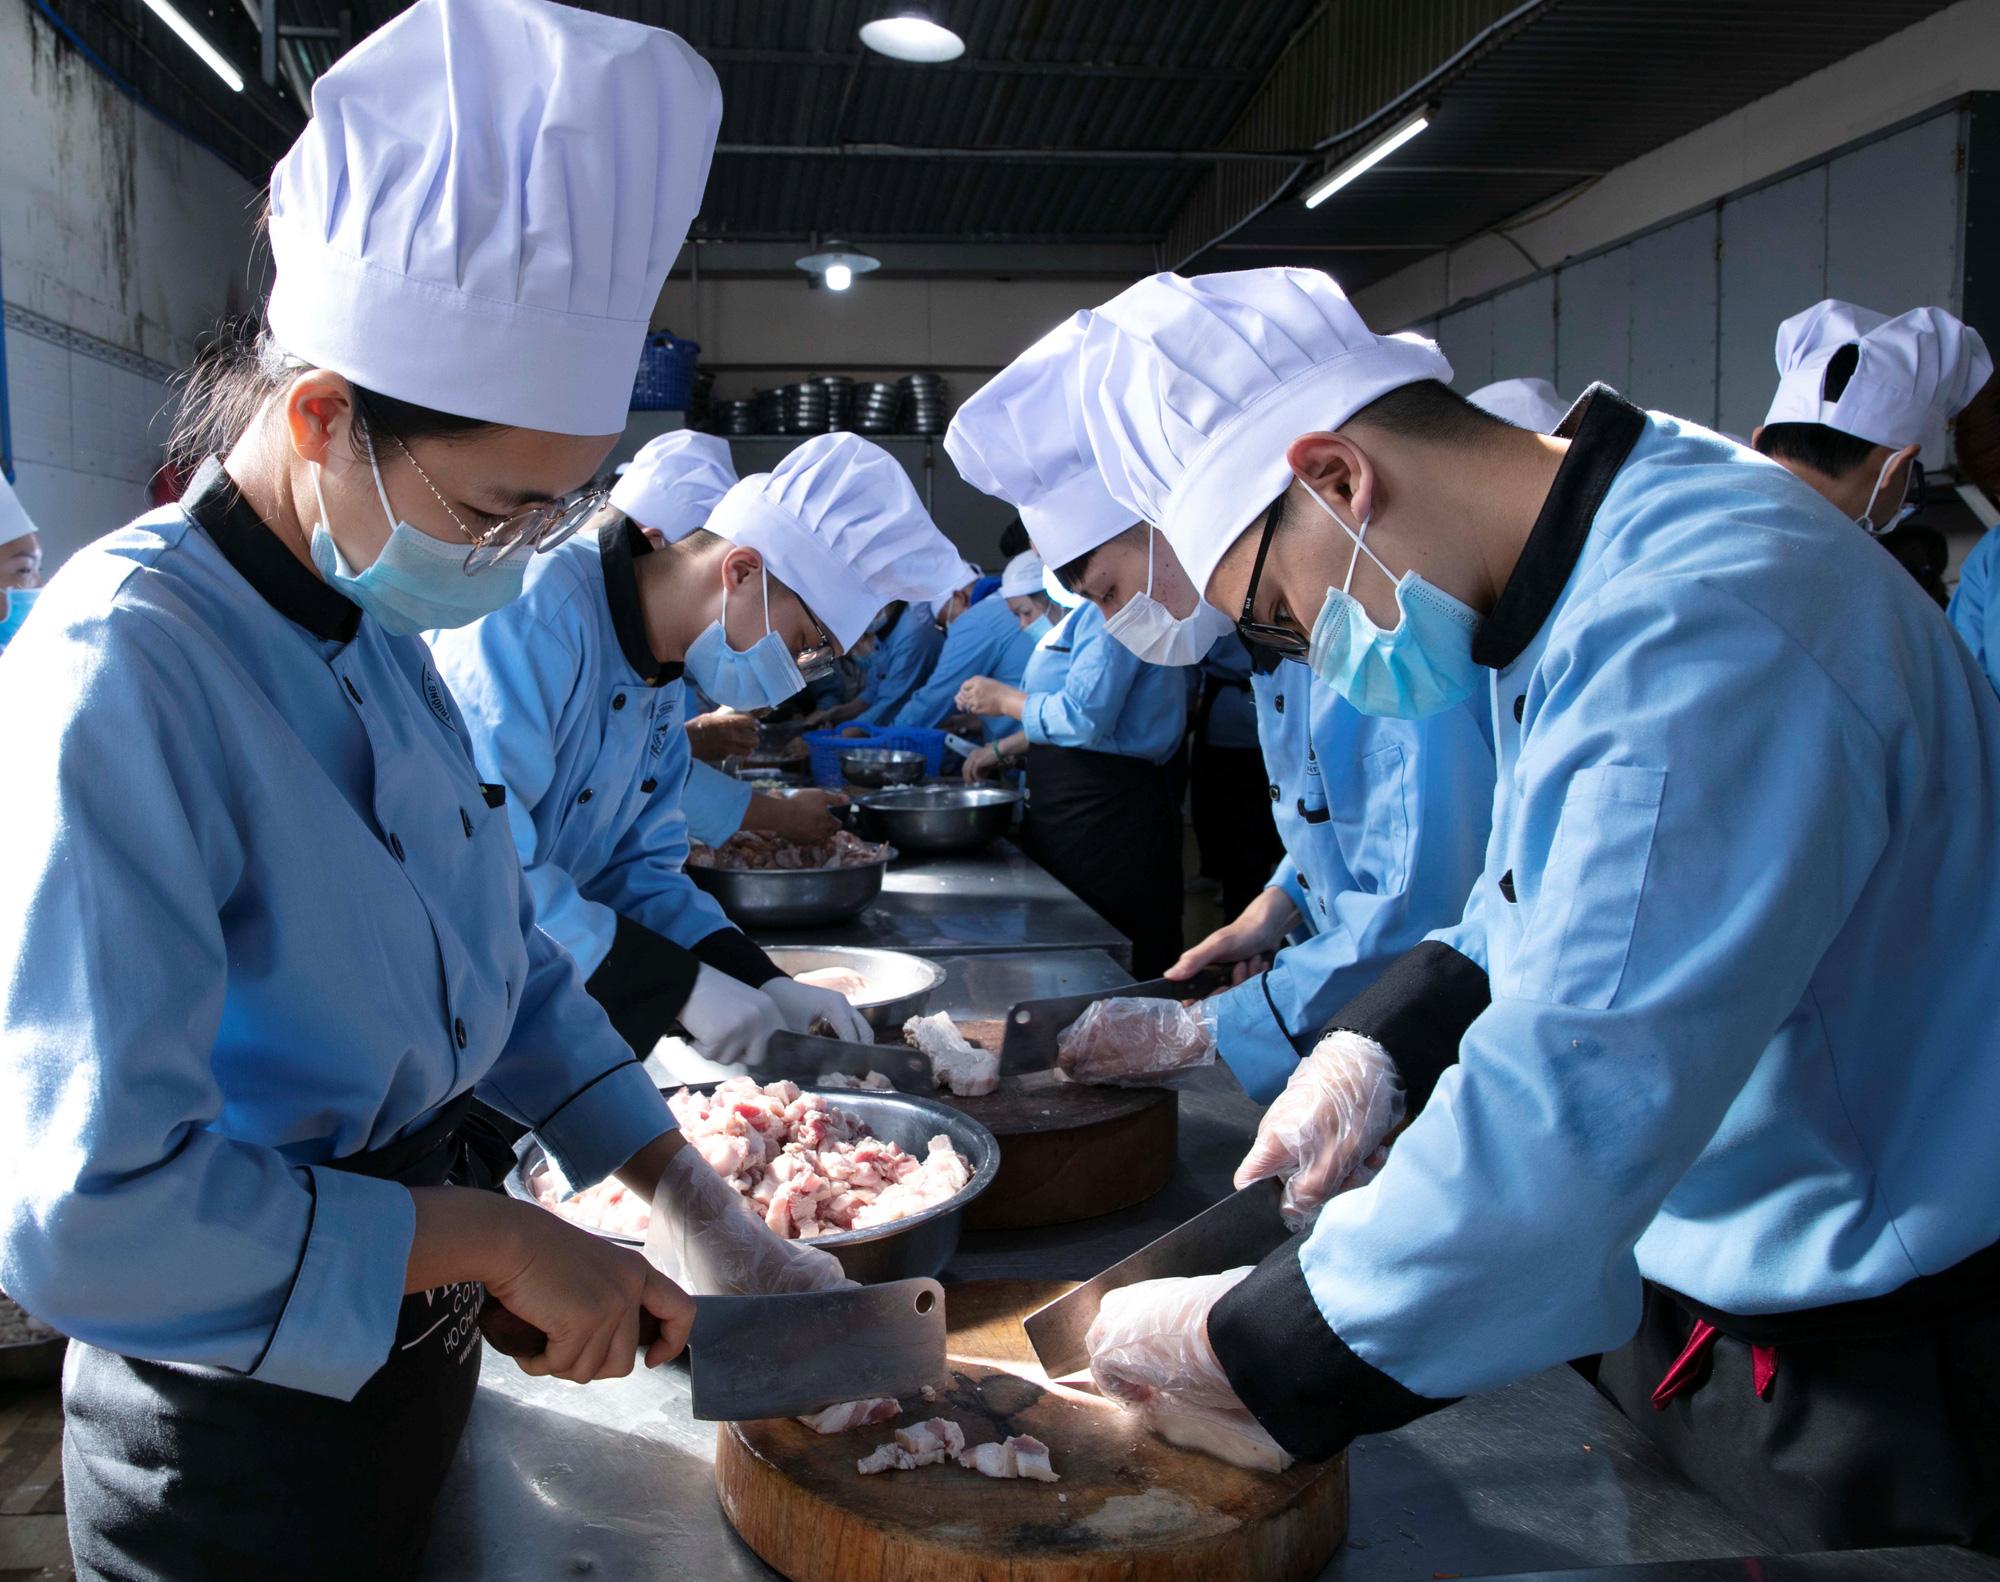 Trường Việt Giao dành 300 chỉ tiêu tuyển sinh vào lớp 10 hệ Trung cấp chính quy - Ảnh 2.